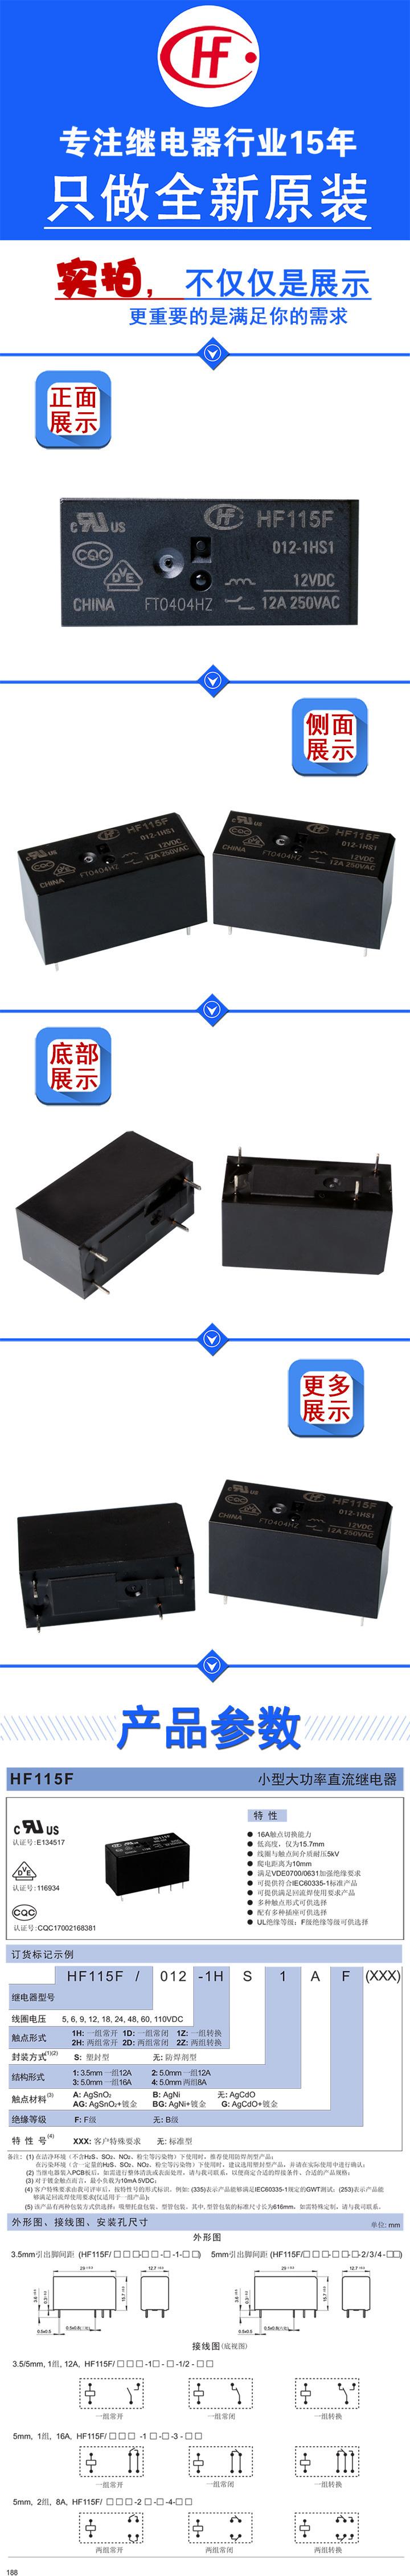 HF115F-012-1HS1_01